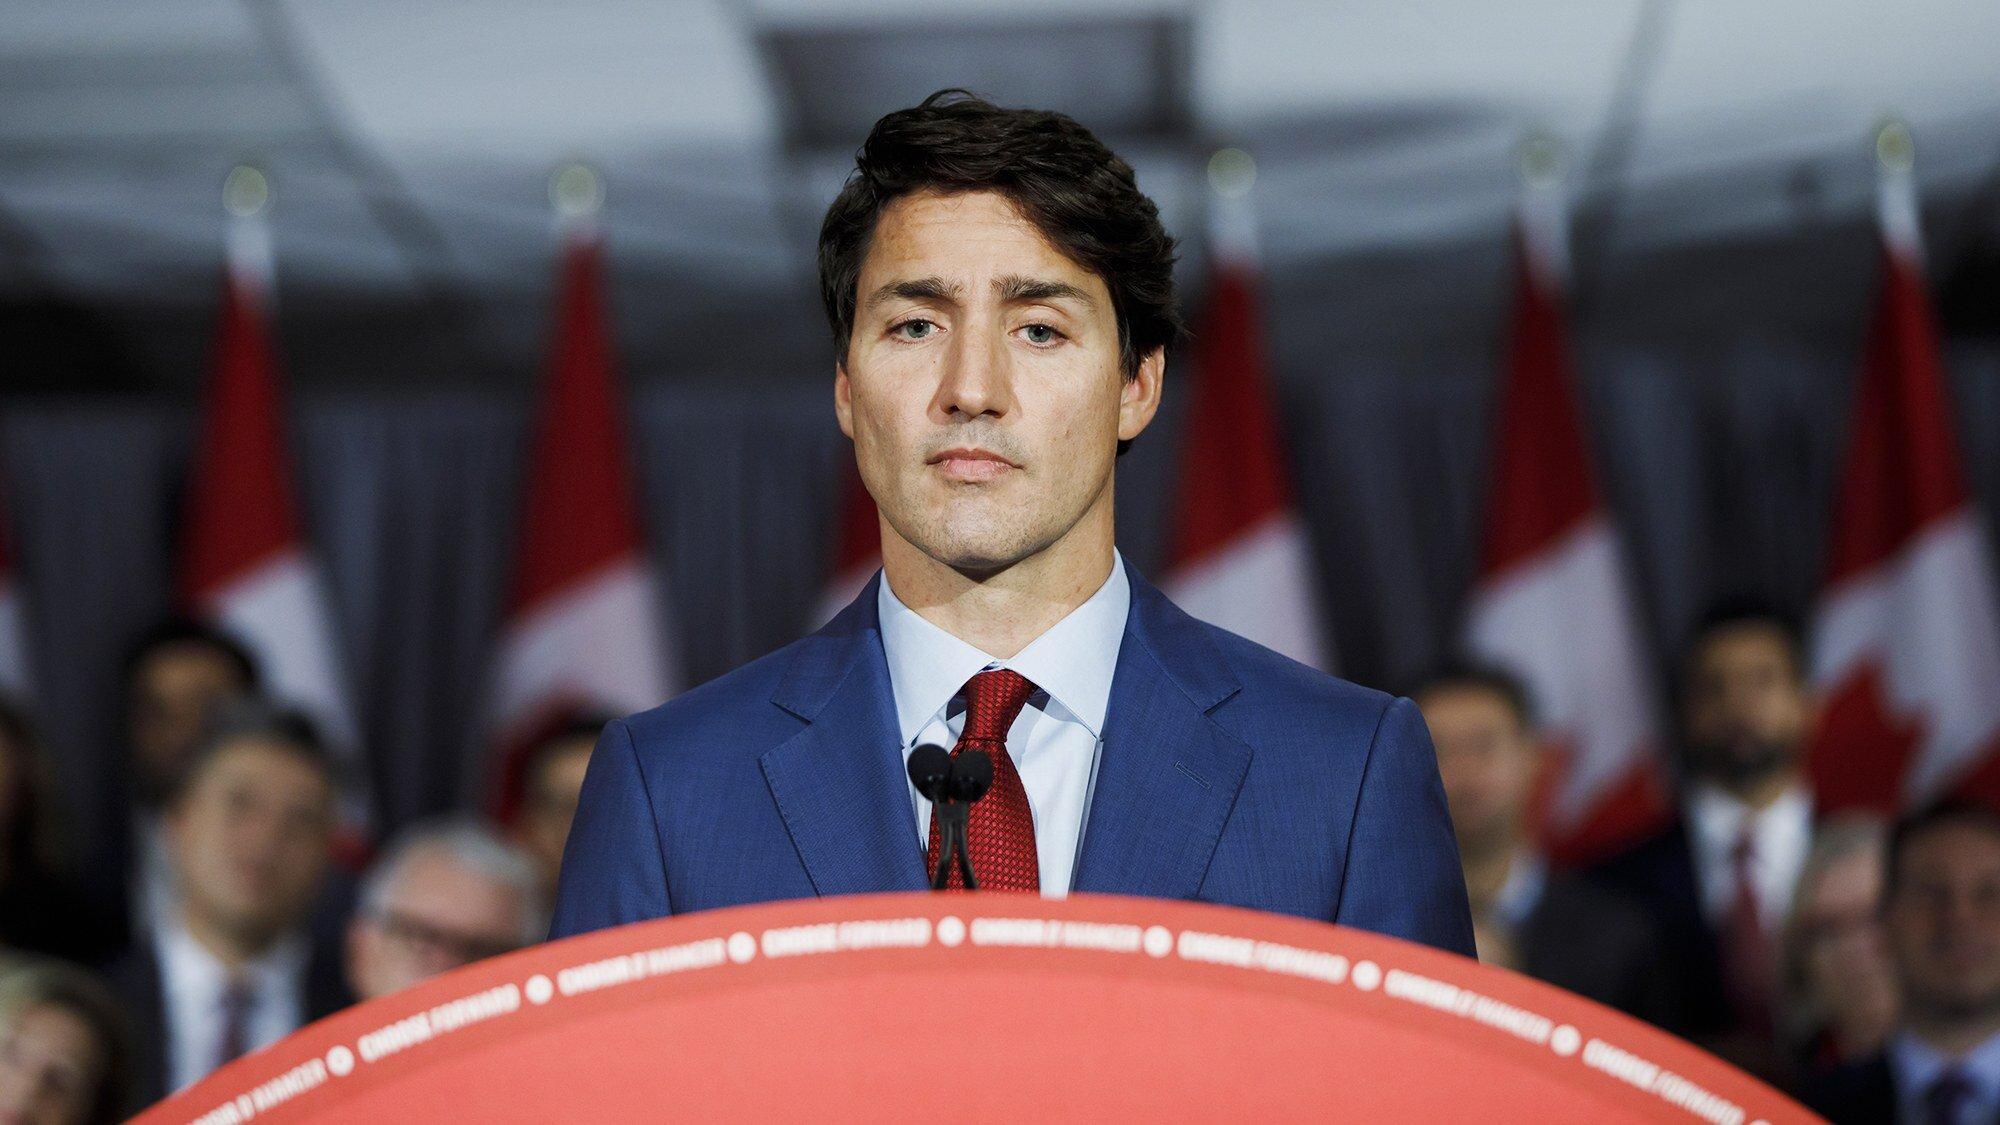 Justin-Trudeau-Blackface.jpg